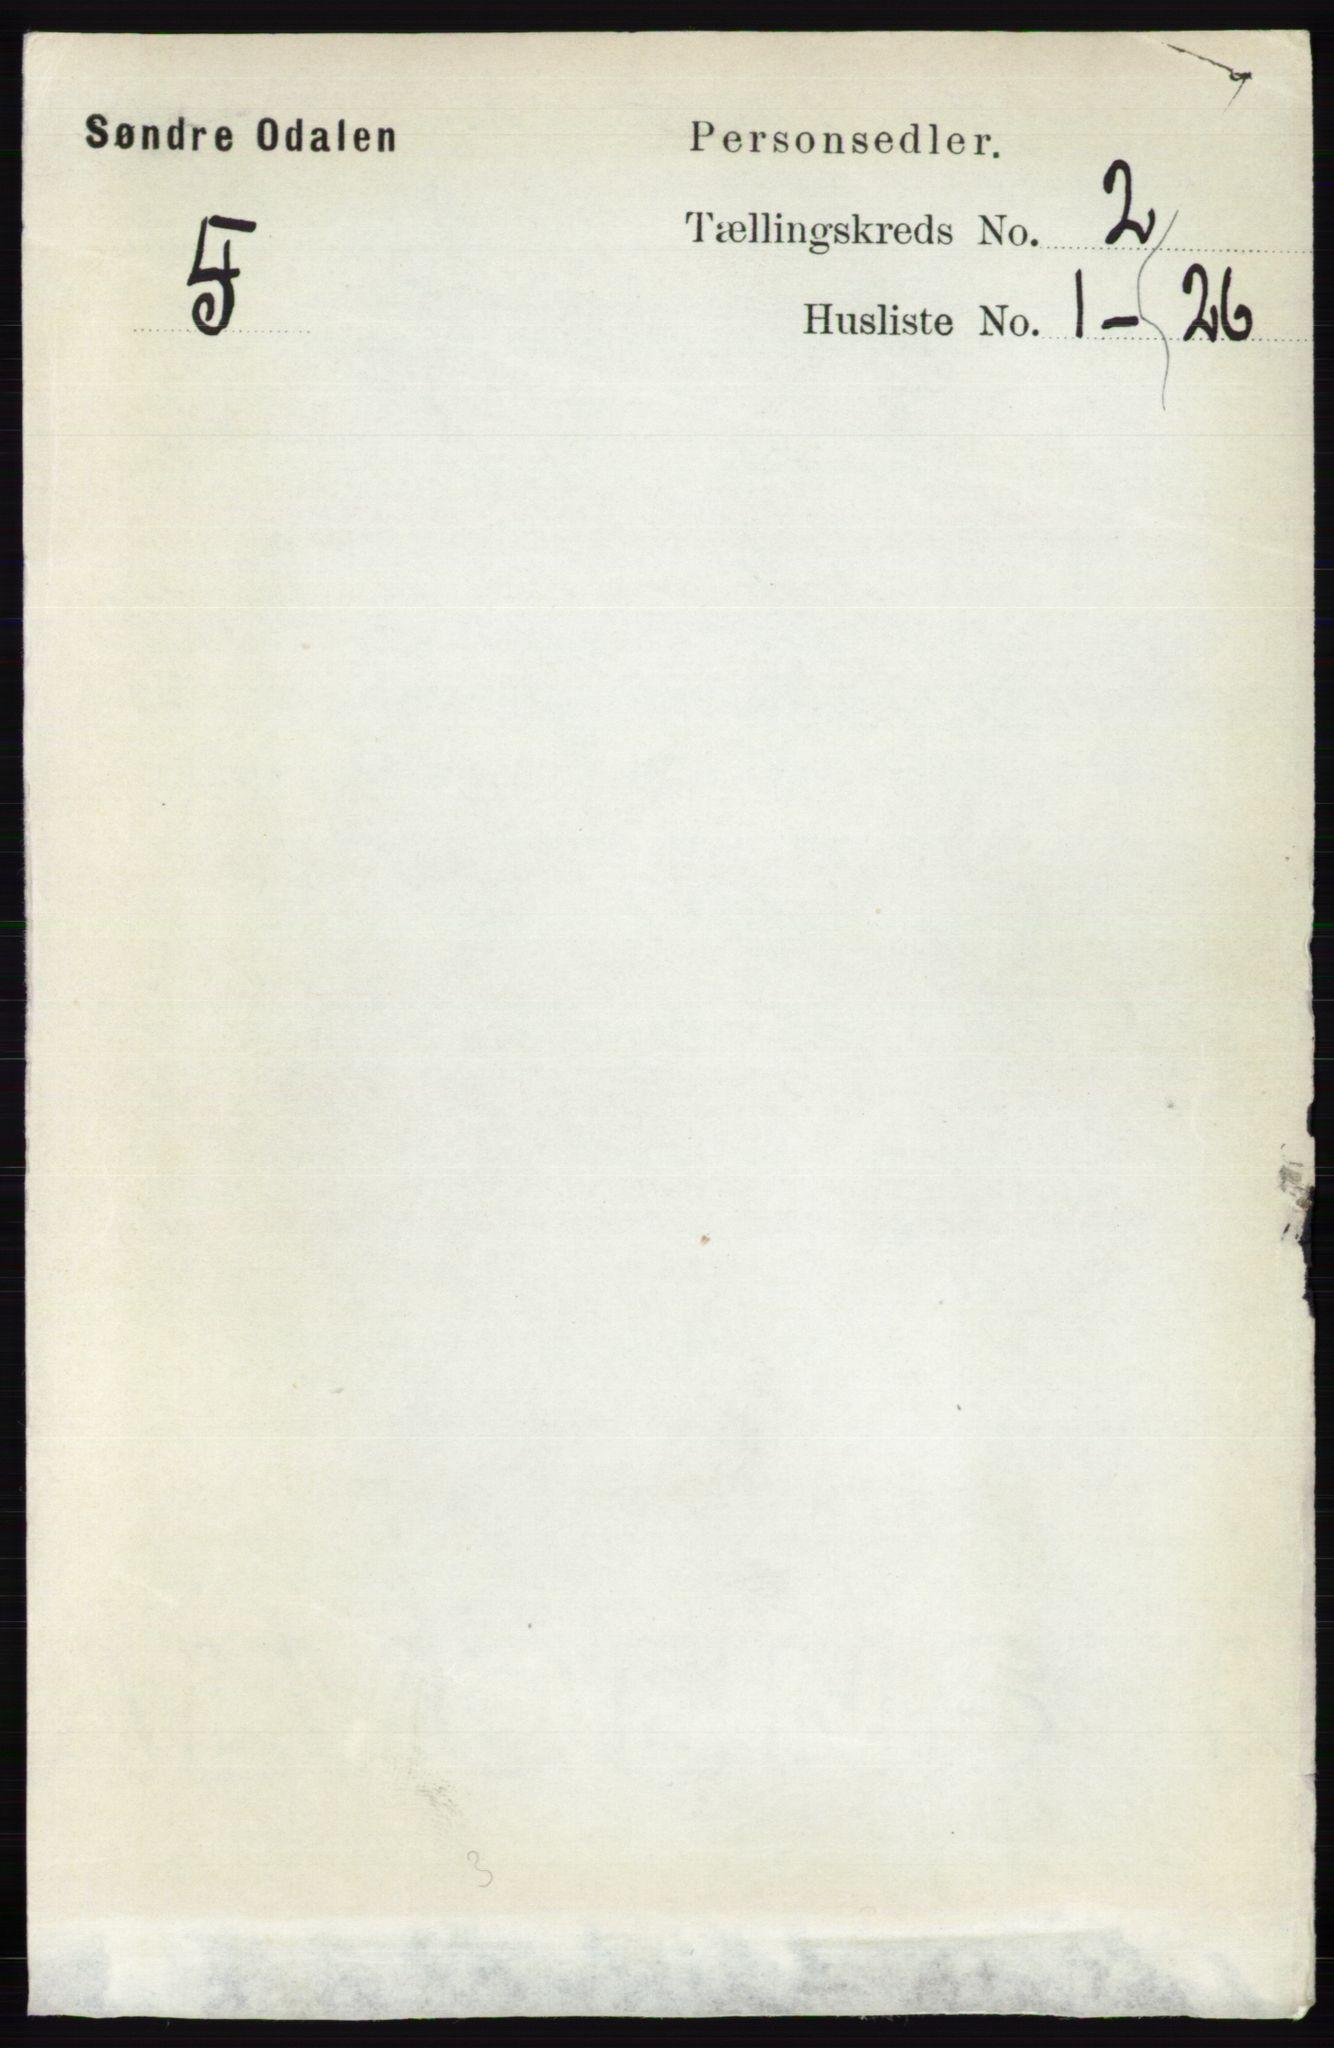 RA, Folketelling 1891 for 0419 Sør-Odal herred, 1891, s. 449